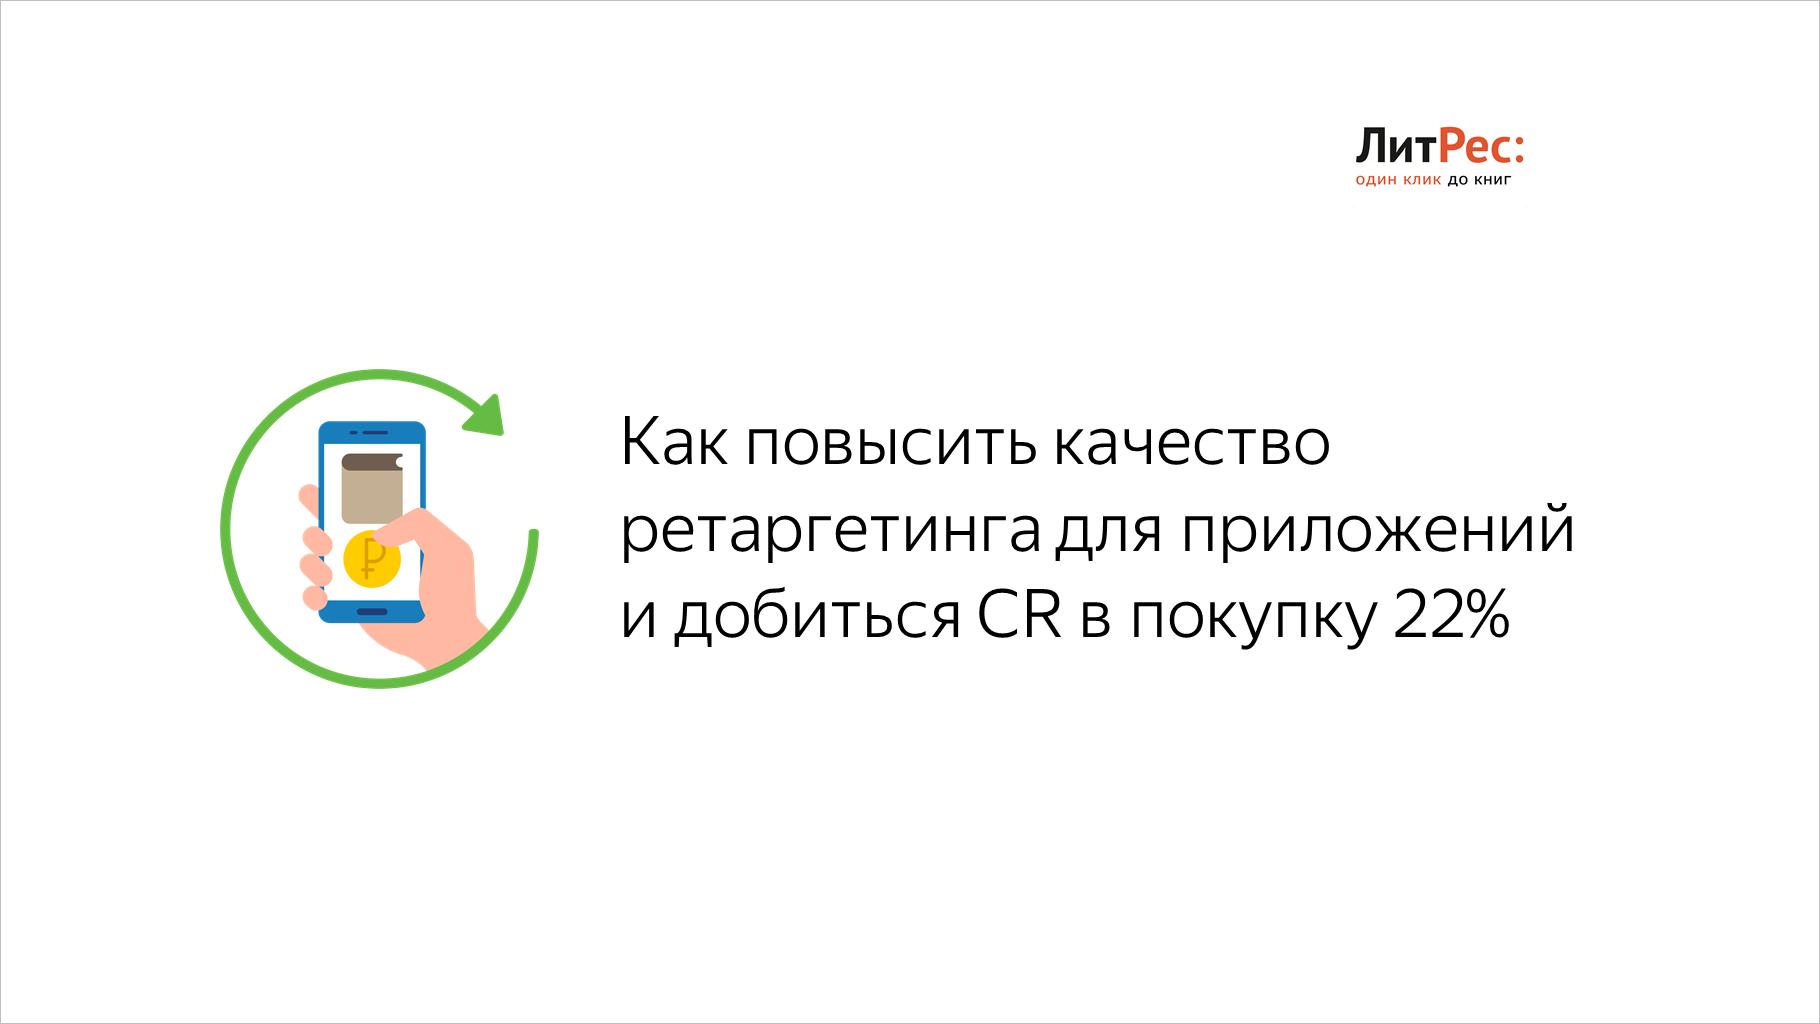 Как повысить качество ретаргетинга для приложений и добиться CR в покупку 22%